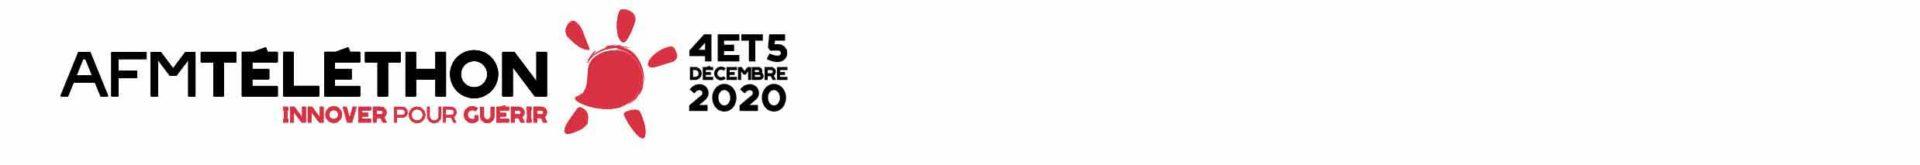 Téléthon 2020 titre et logo